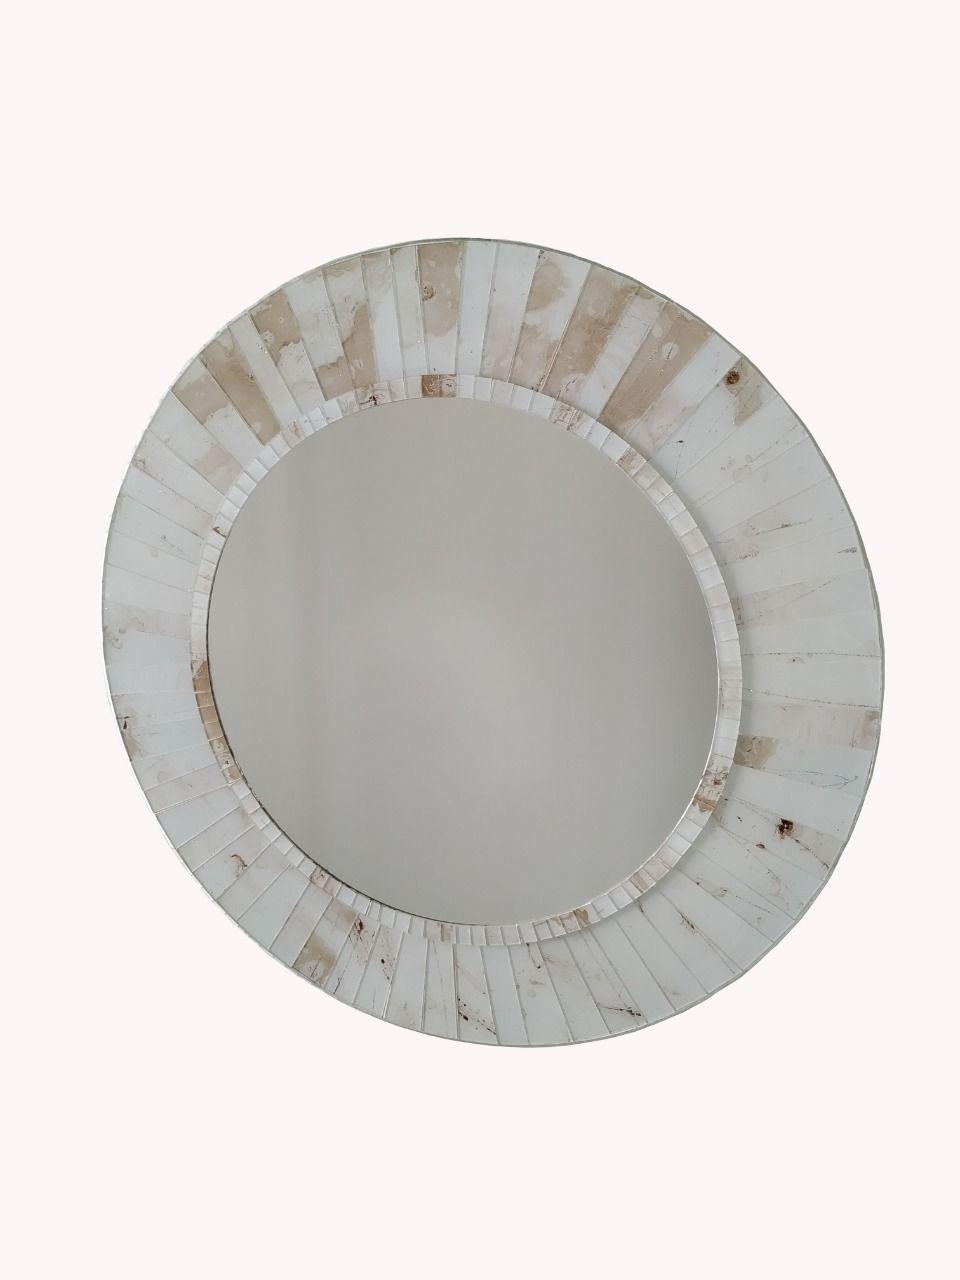 Espelho Mosaico de Vidro Cor Travertino Revestido em Vidro